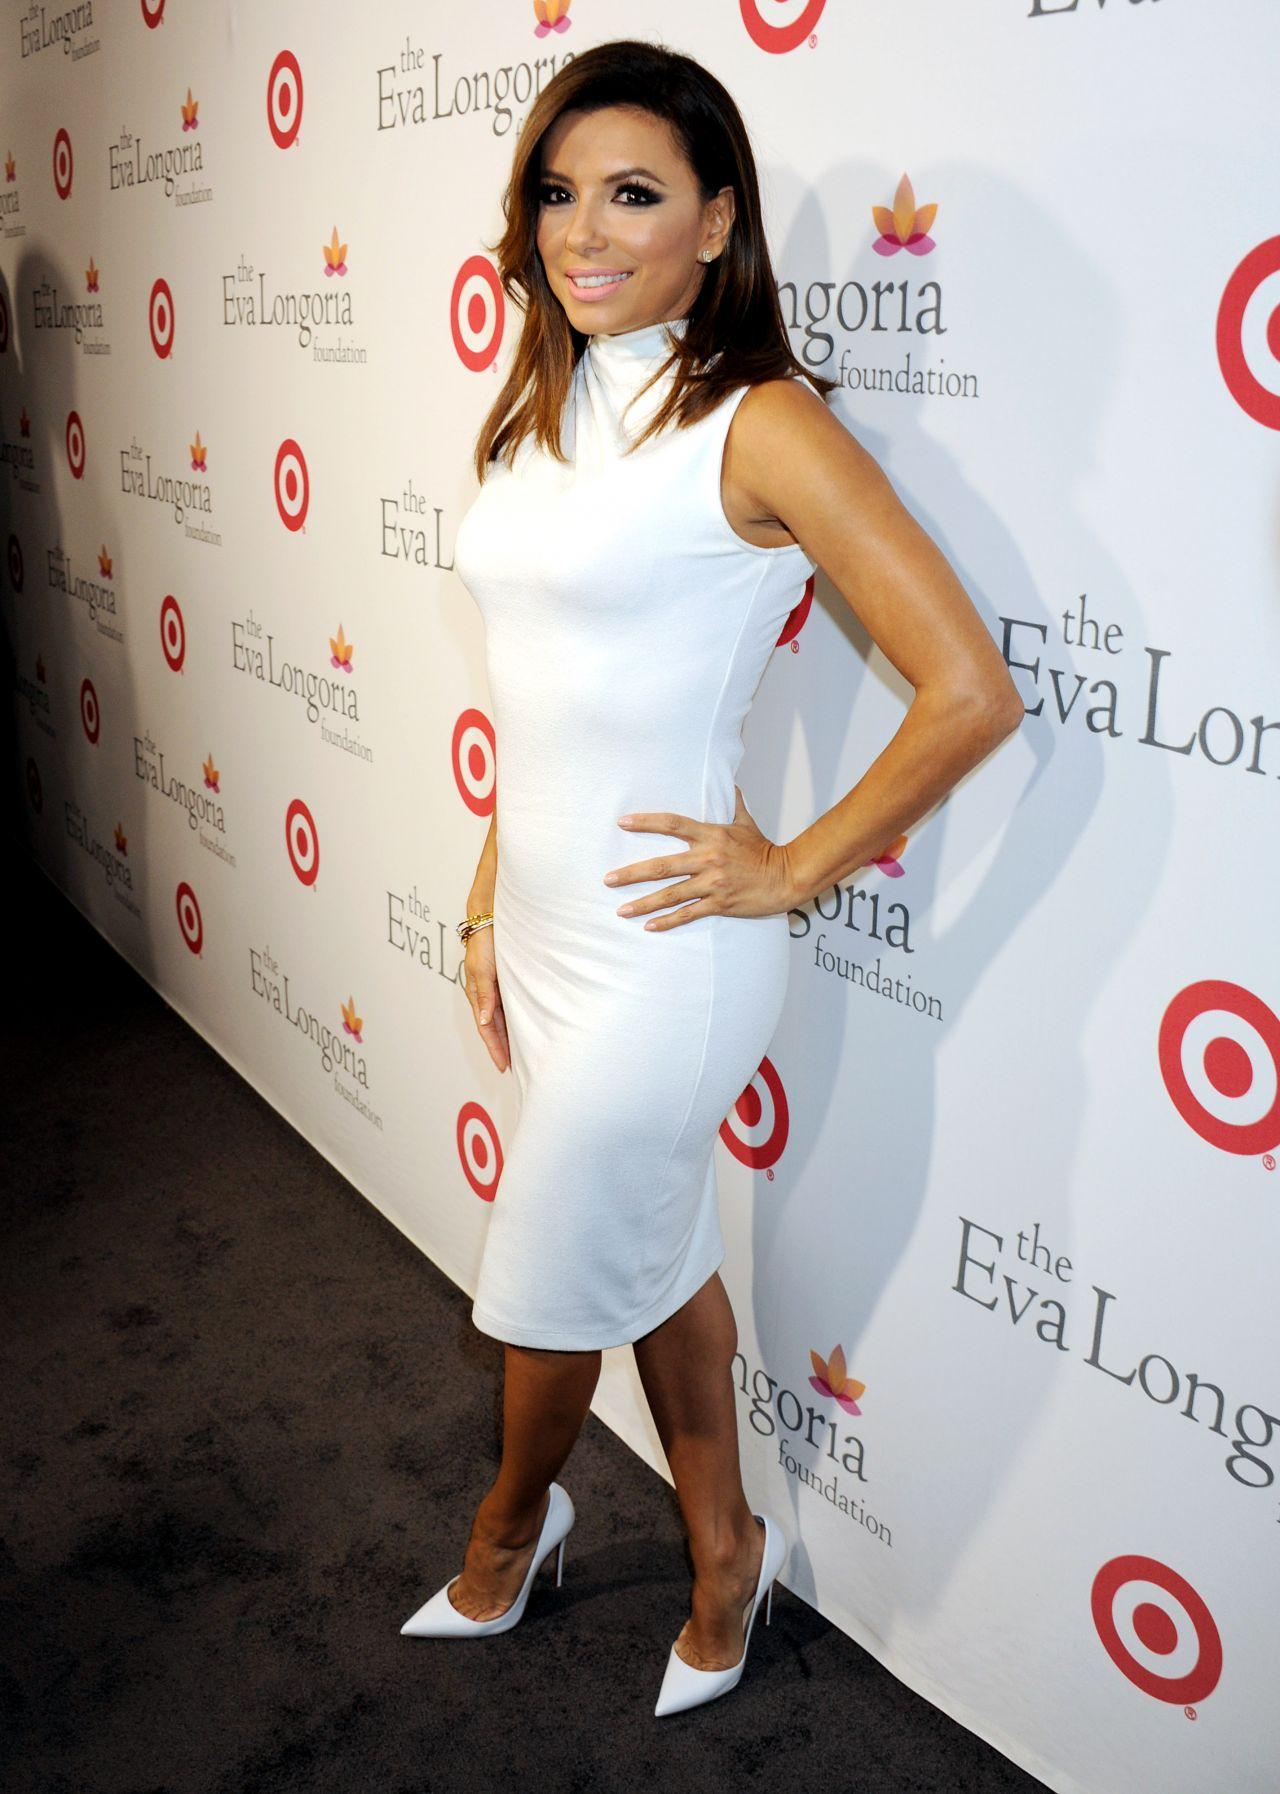 Eva Longoria – 2015 Eva Longoria Foundation Dinner in Hollywood Eva Longoria